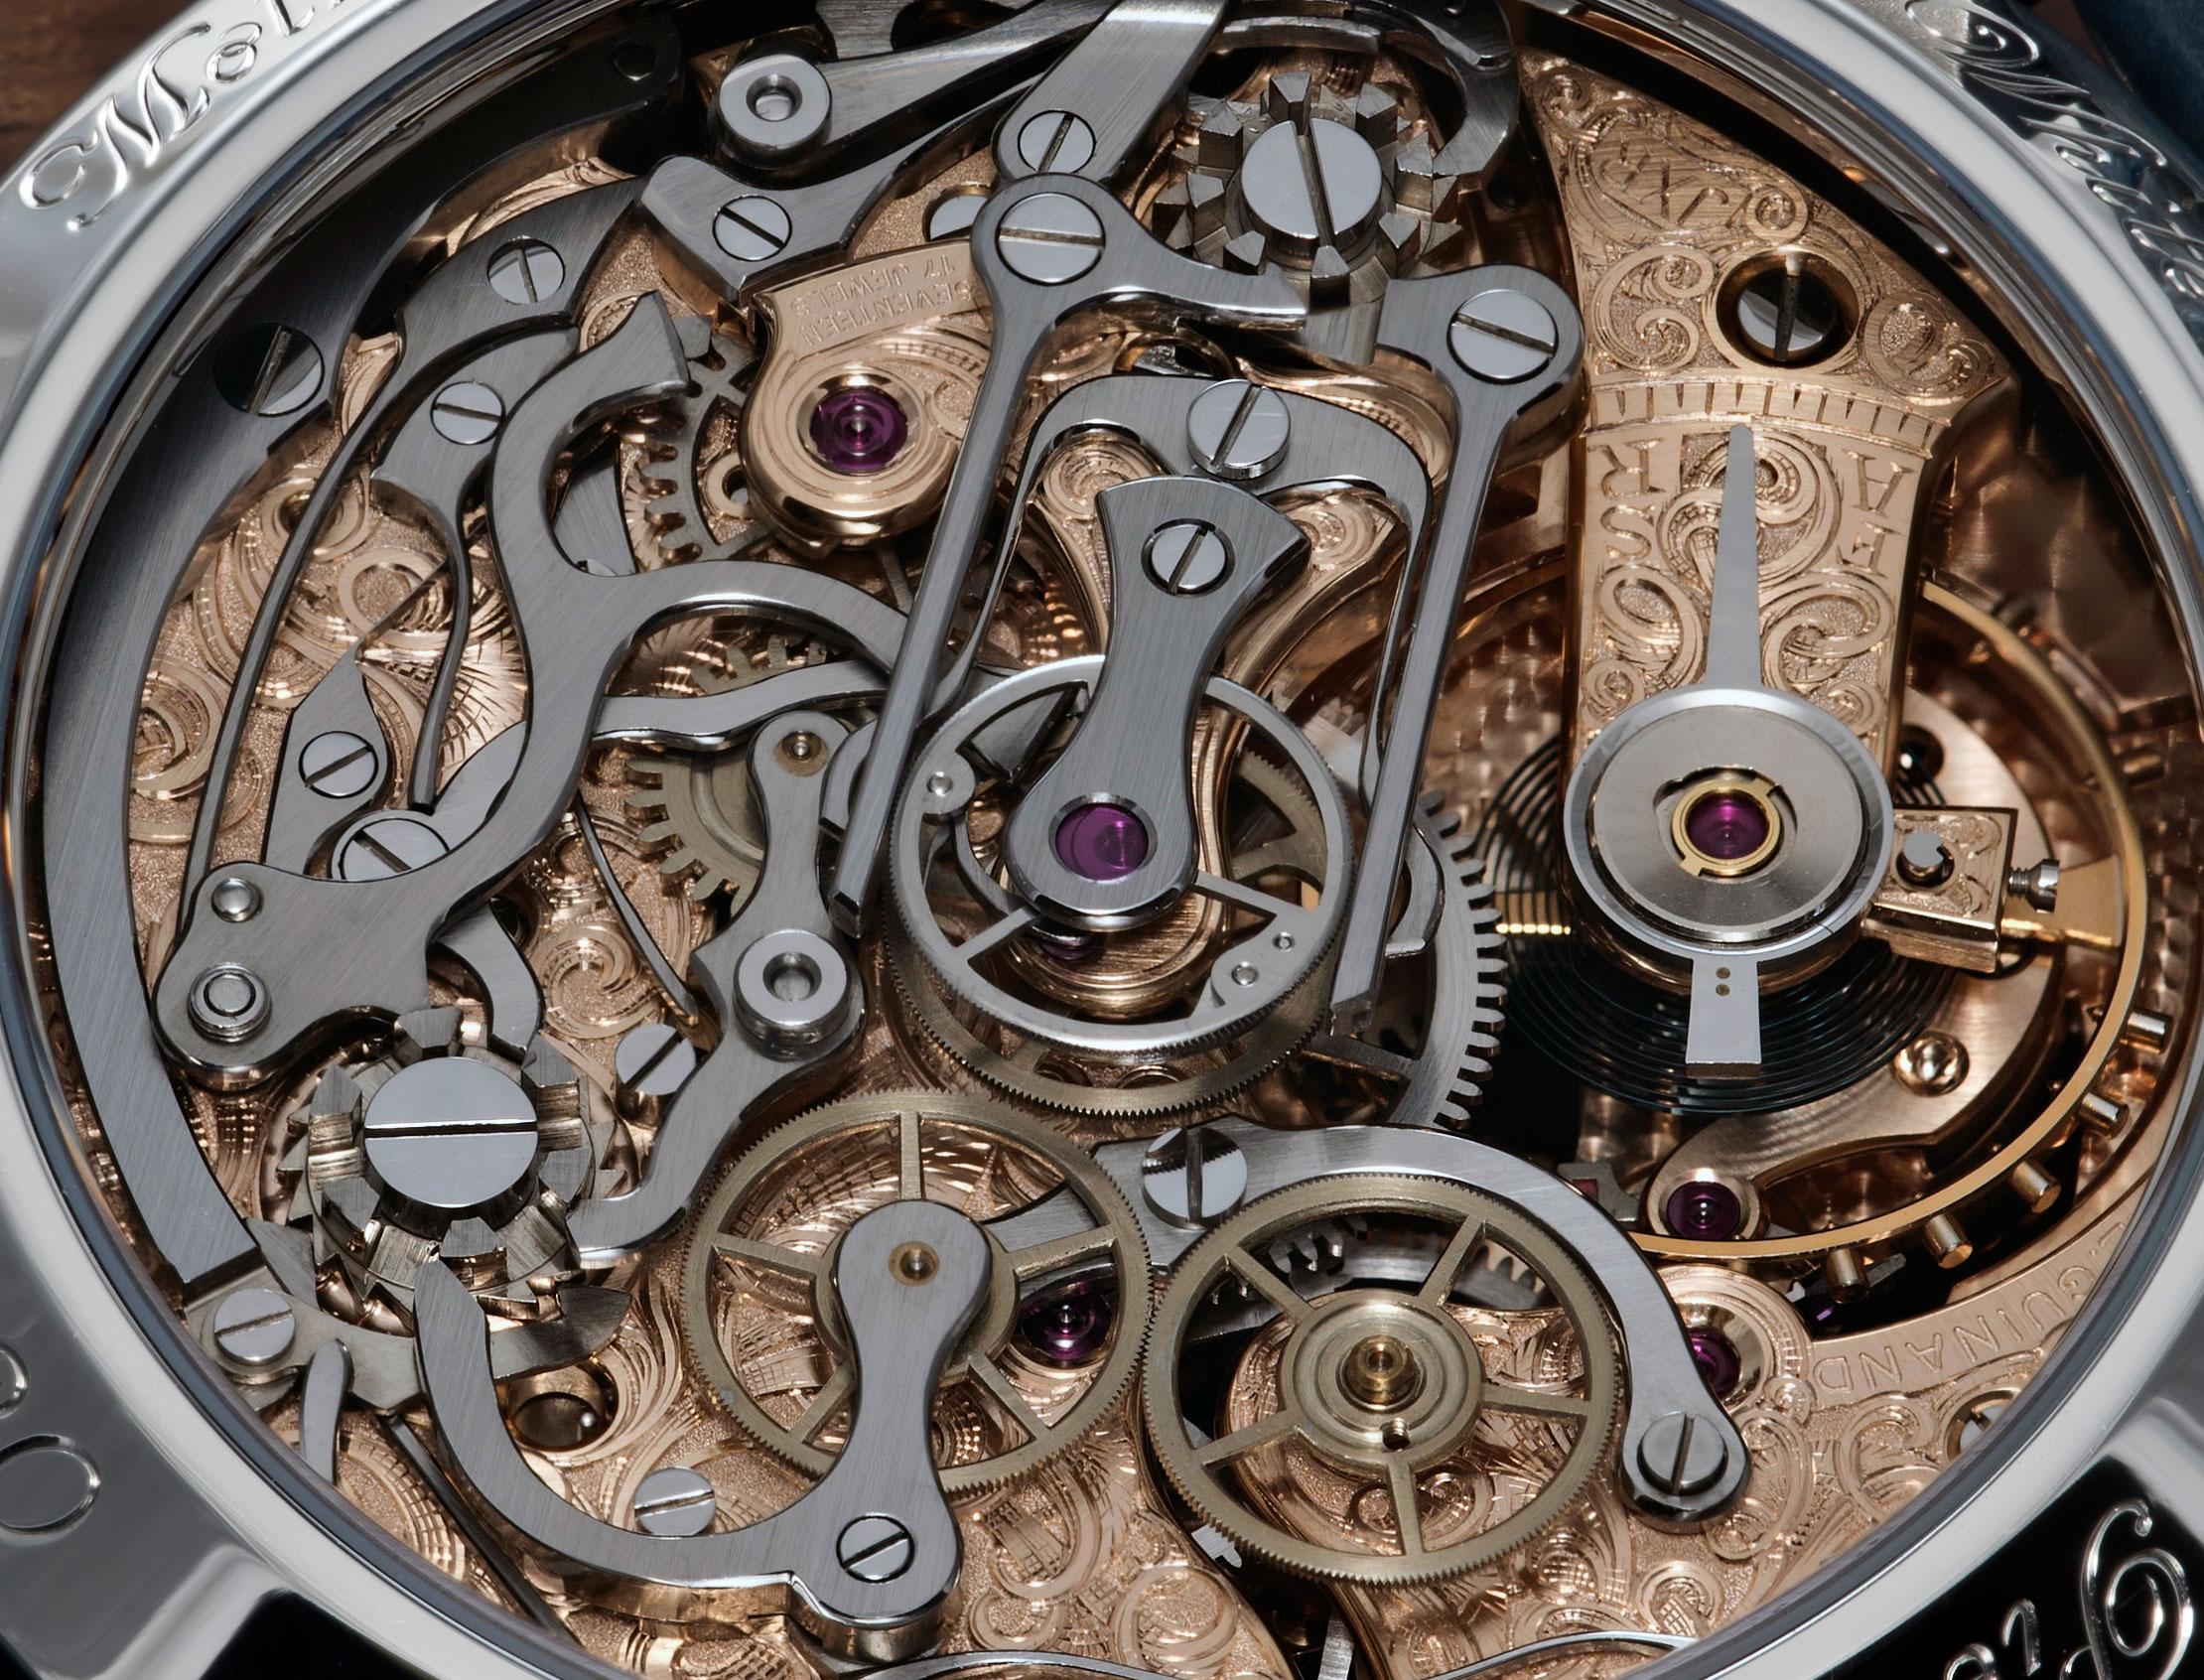 Molnar Fabry White Lotus Rattrapante Chronograph 7